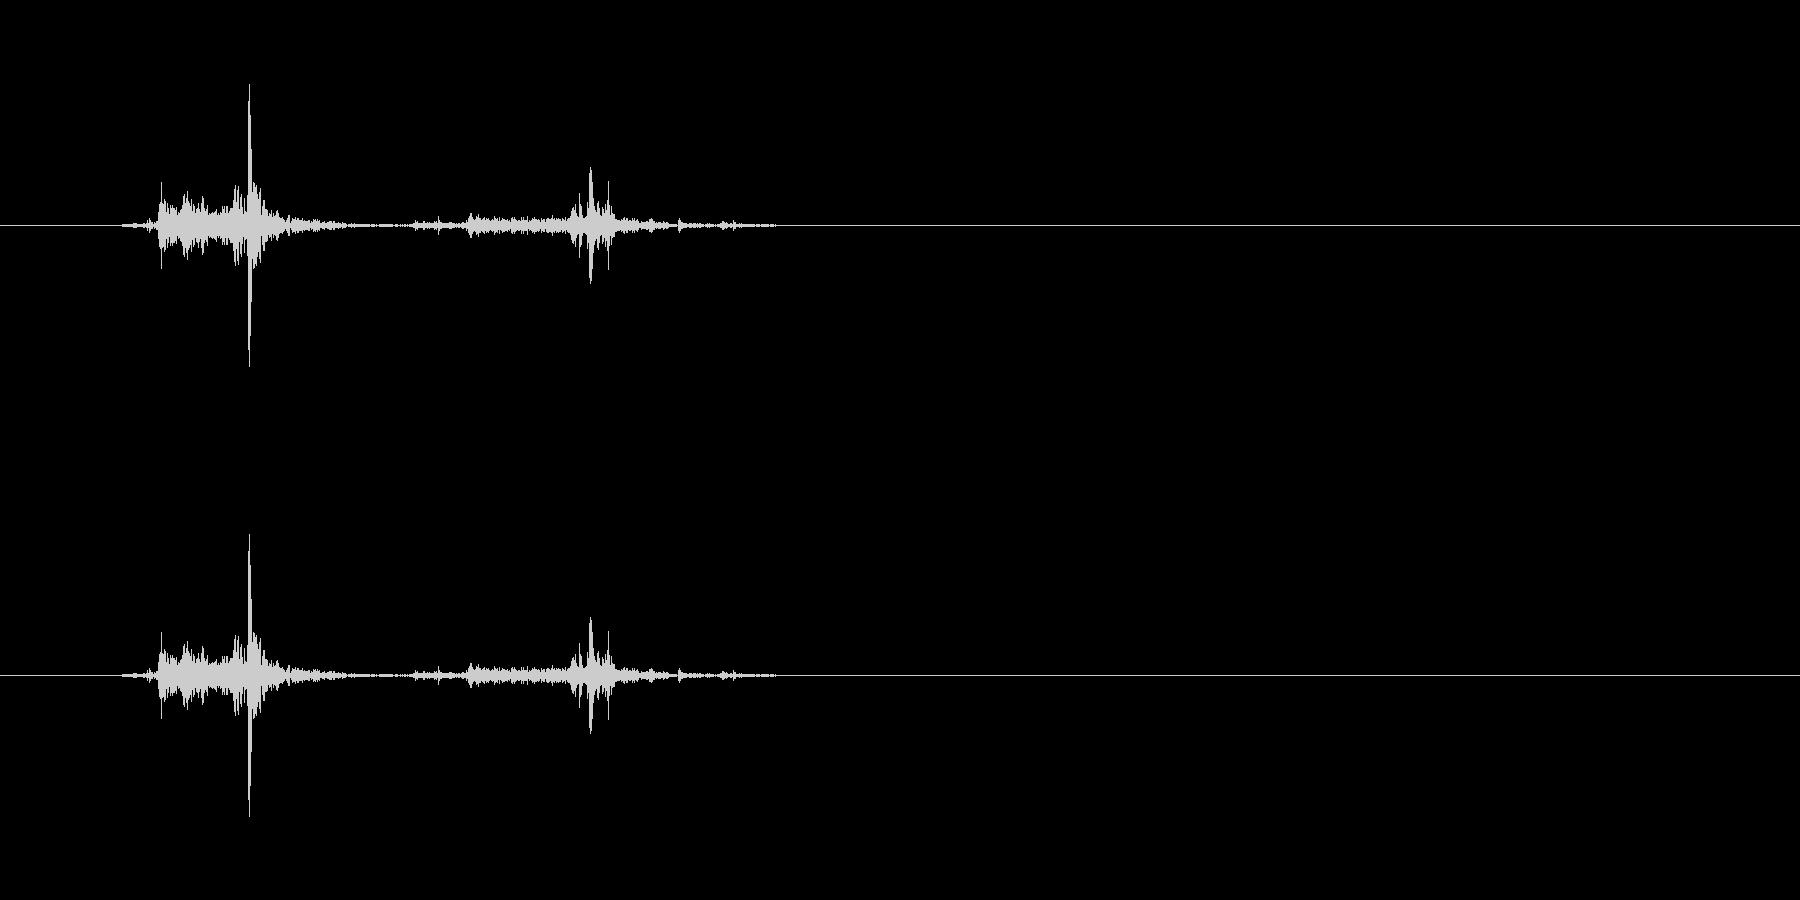 【穴あけパンチ01-1(パンチ)】の未再生の波形